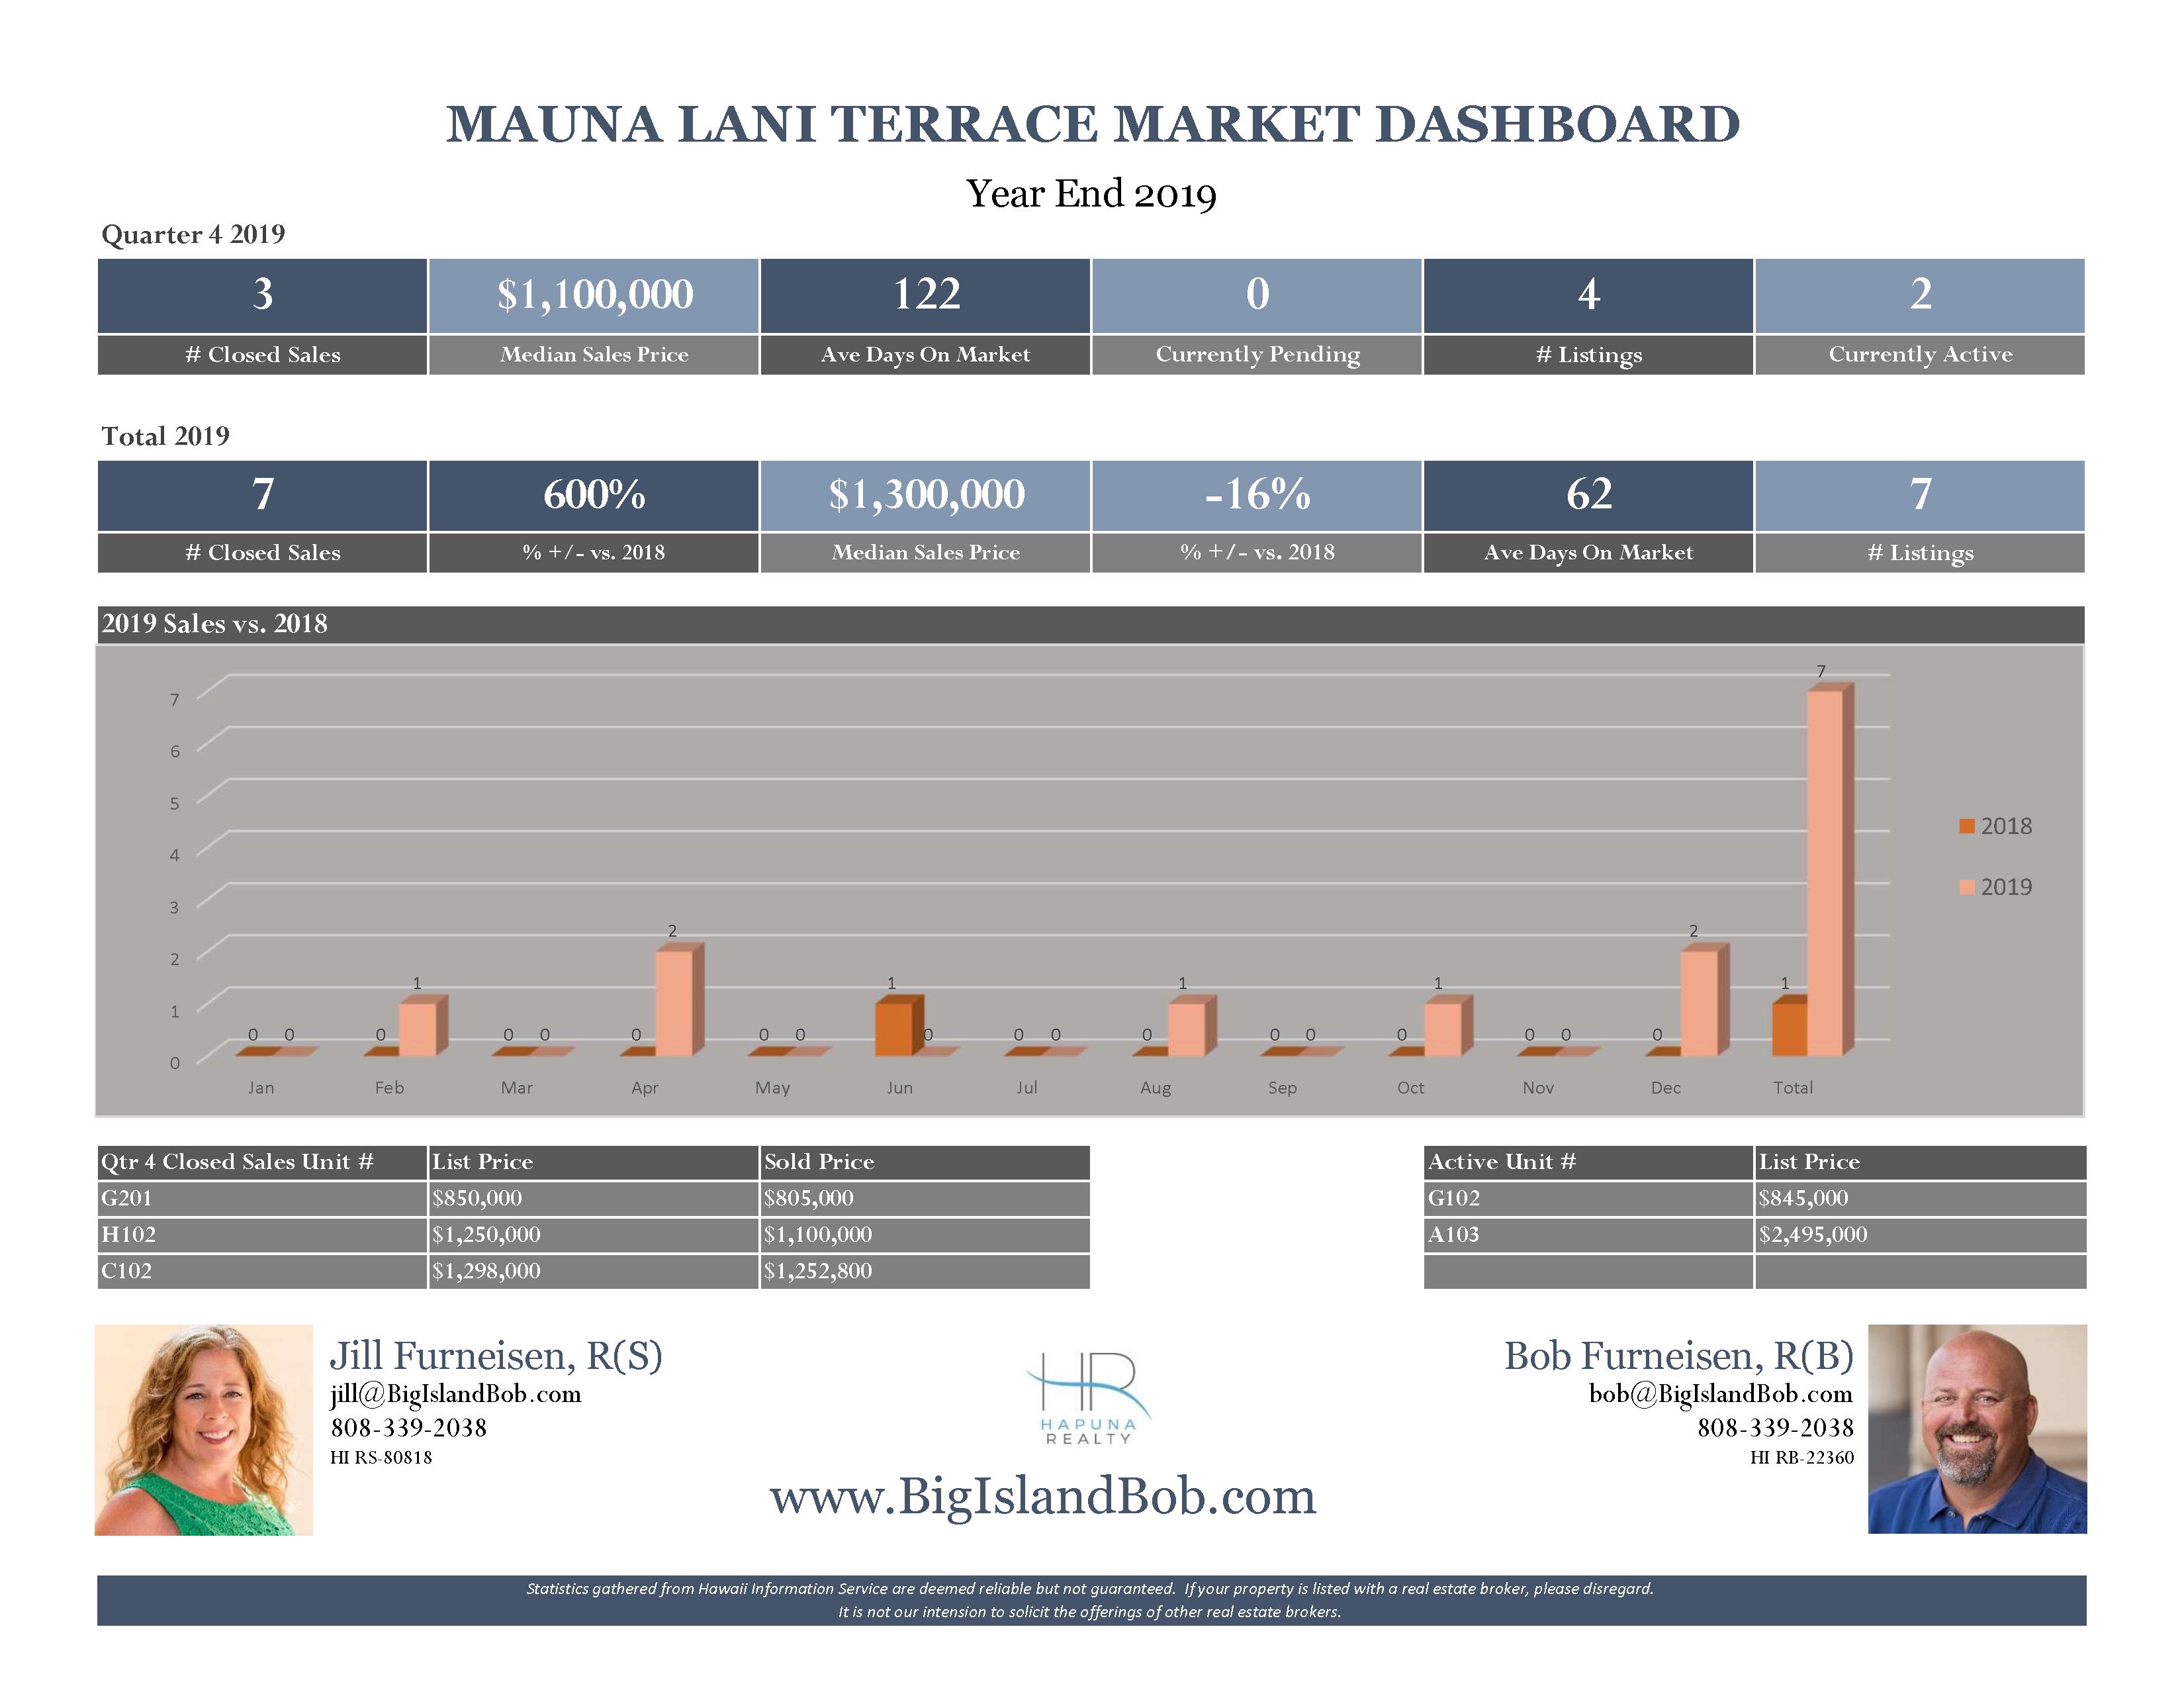 Mauna Lani Terrace Year End 2019 Real Estate Market Dashboard